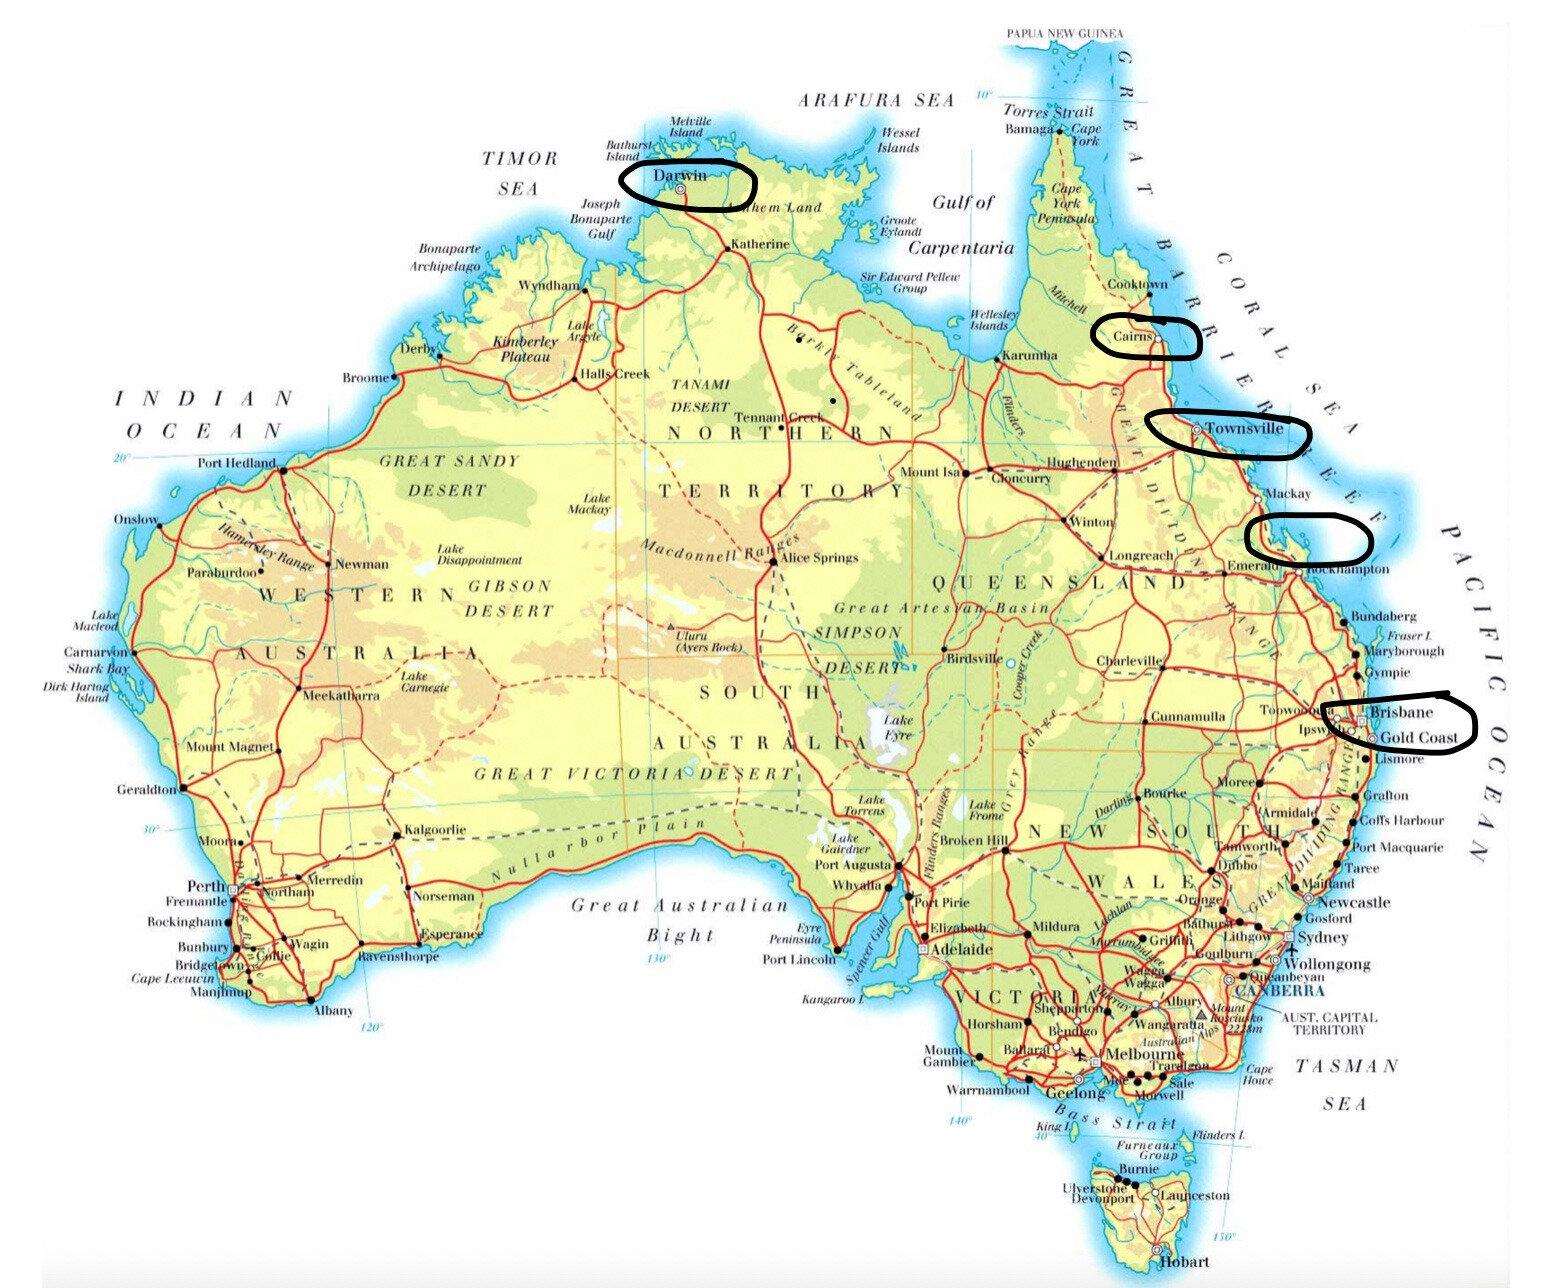 Australie gratuit rencontres applications mère célibataire de jumeaux datant